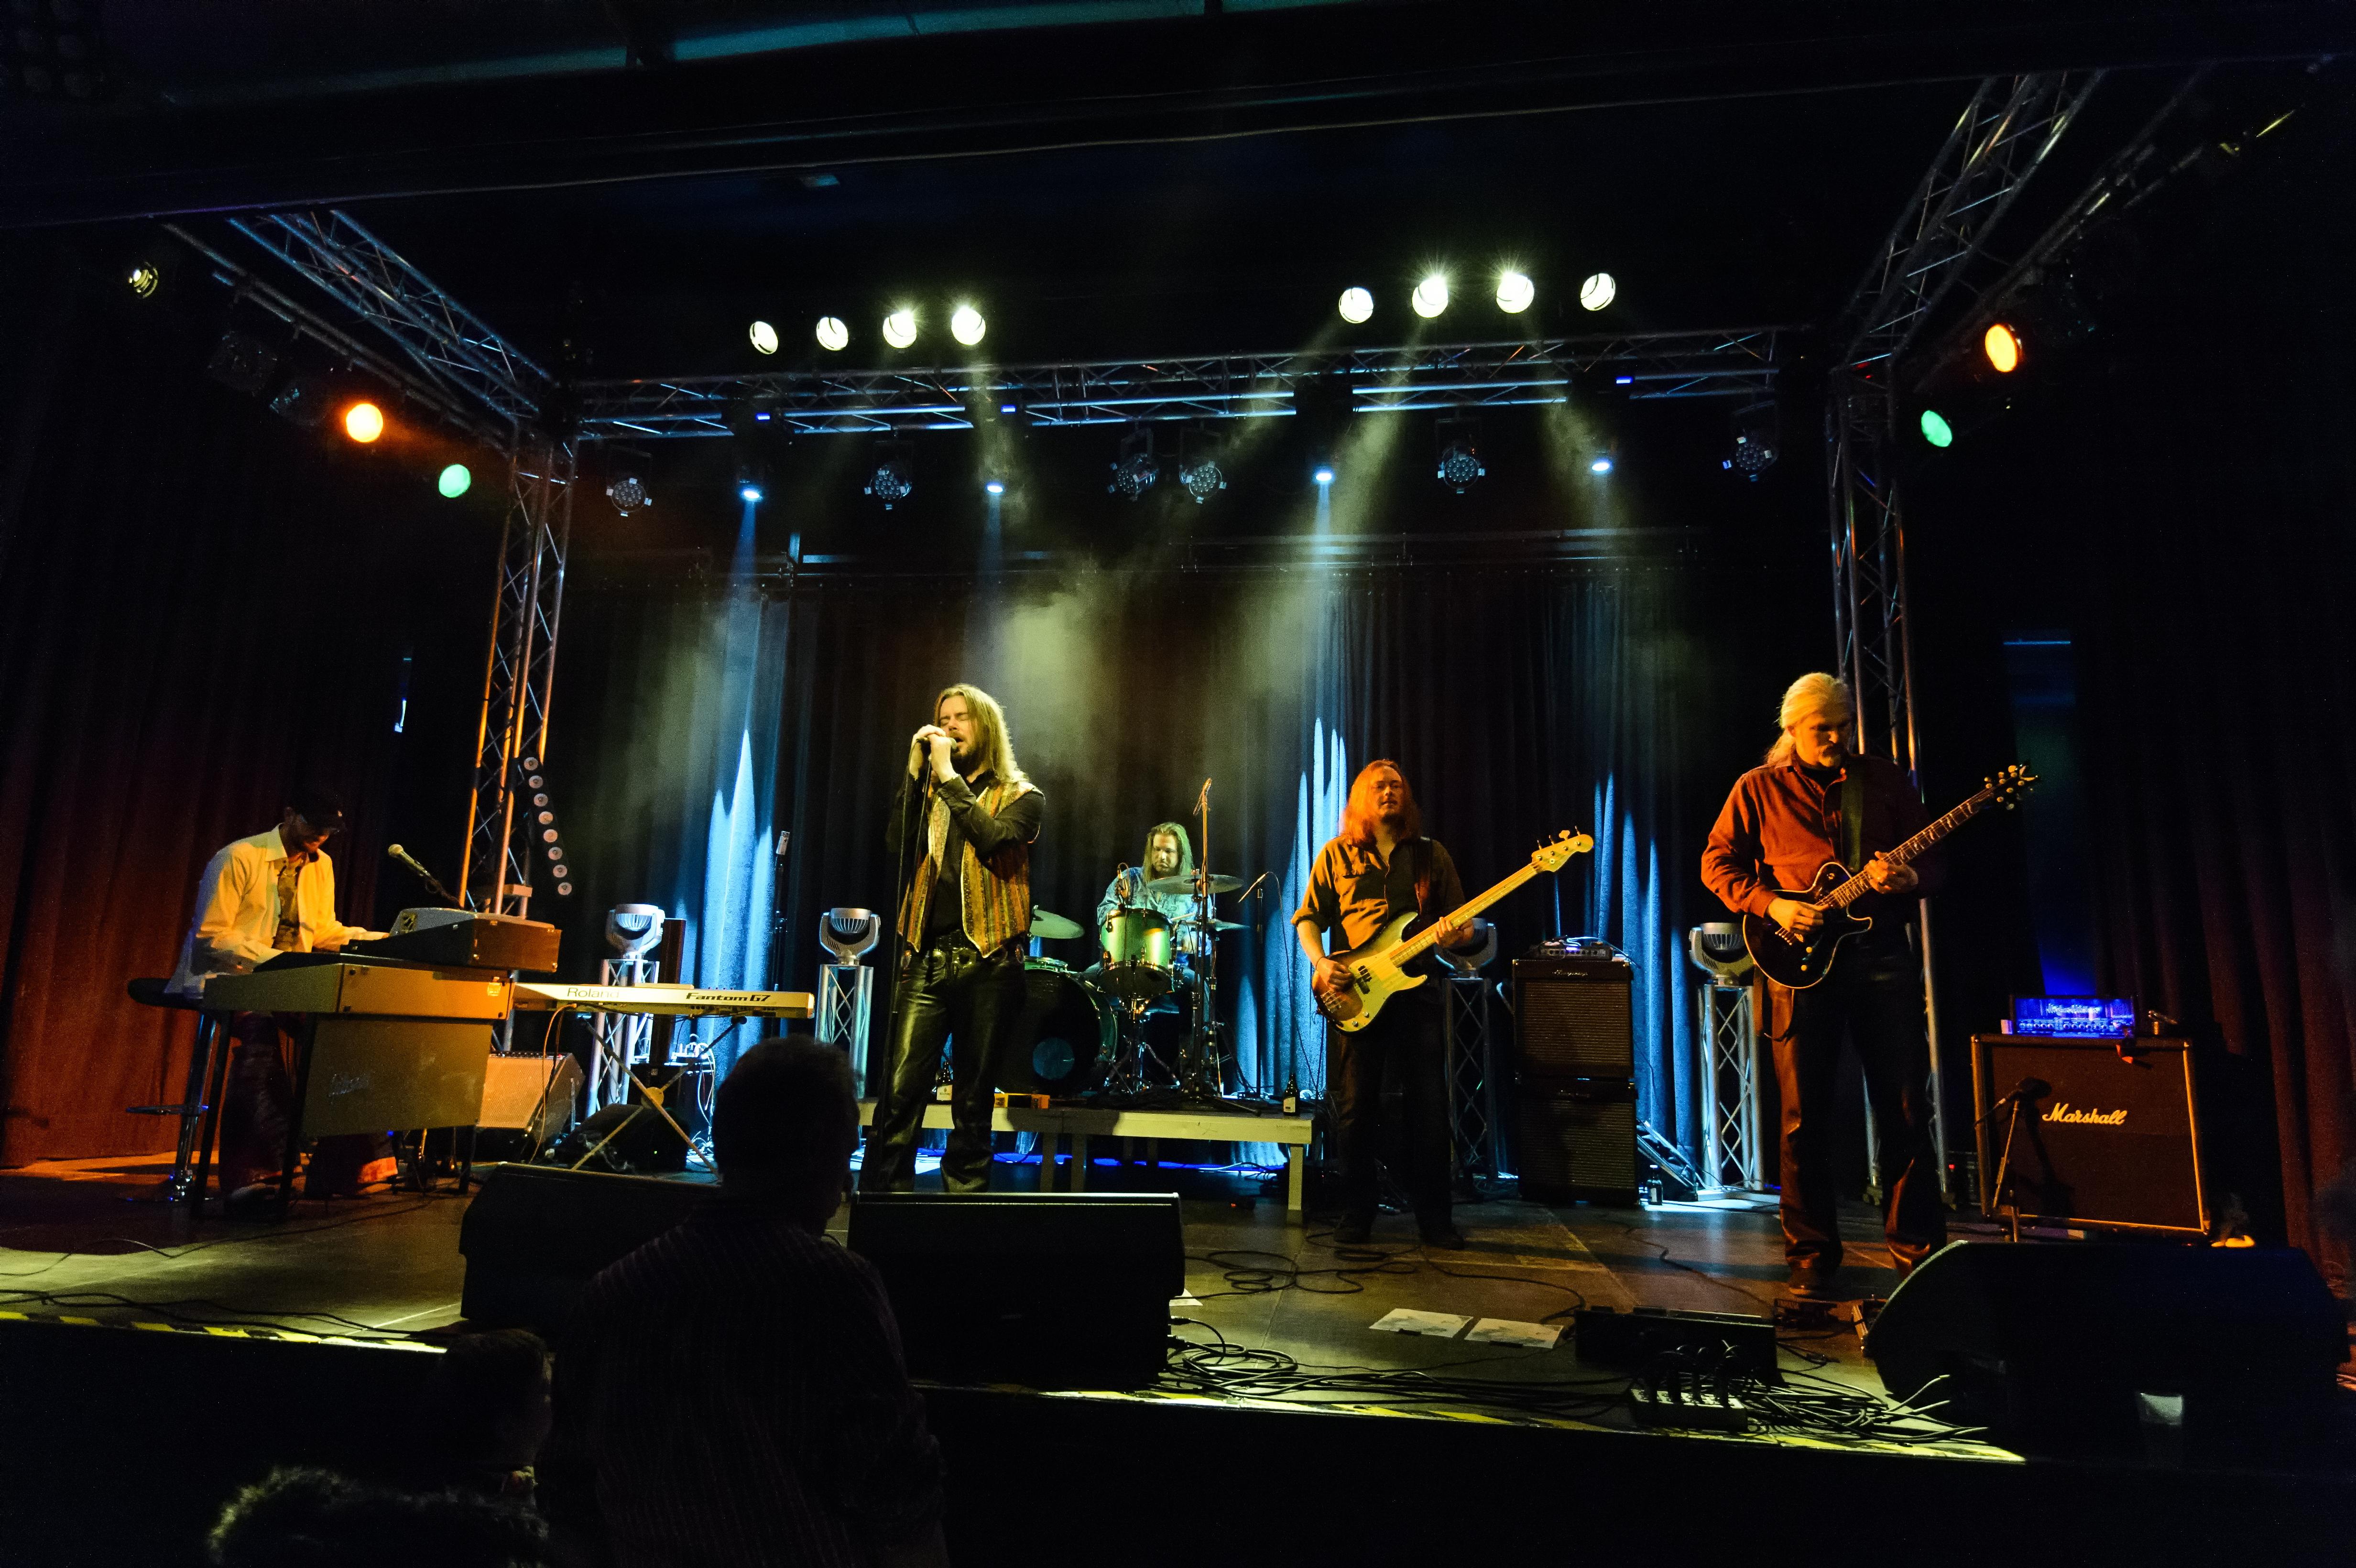 Morrison Hotel live